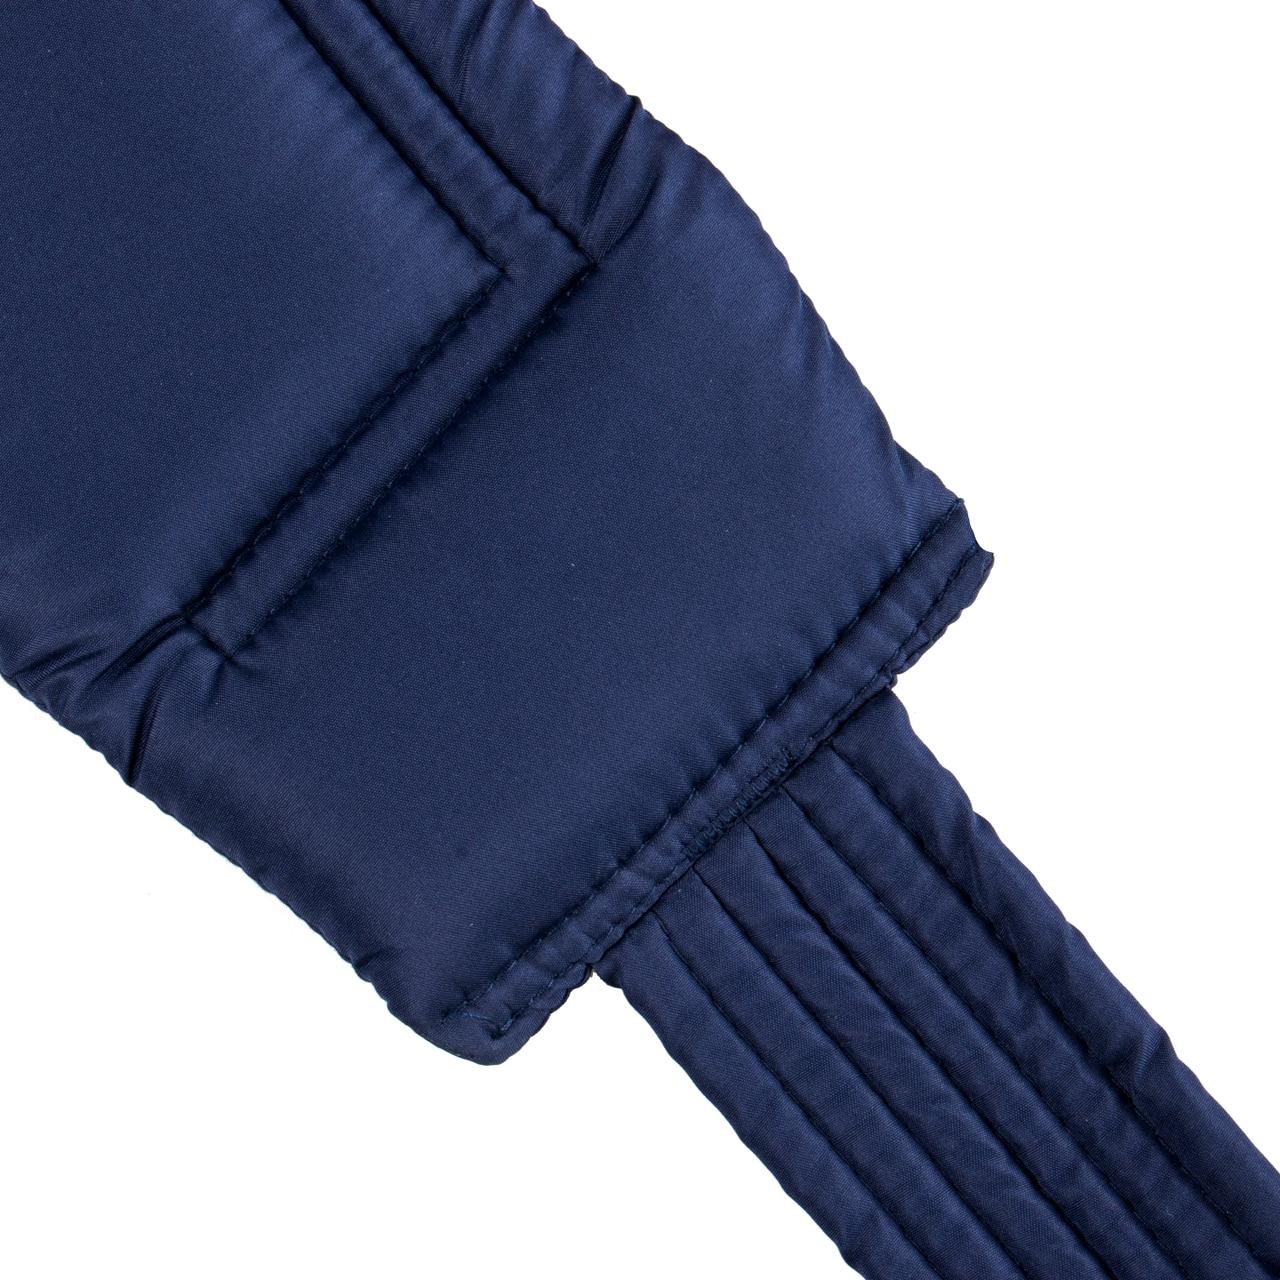 Pudcoco cabestrillo para ni os portabeb s envolver pa ales para ni os bolsa de Papoose 5